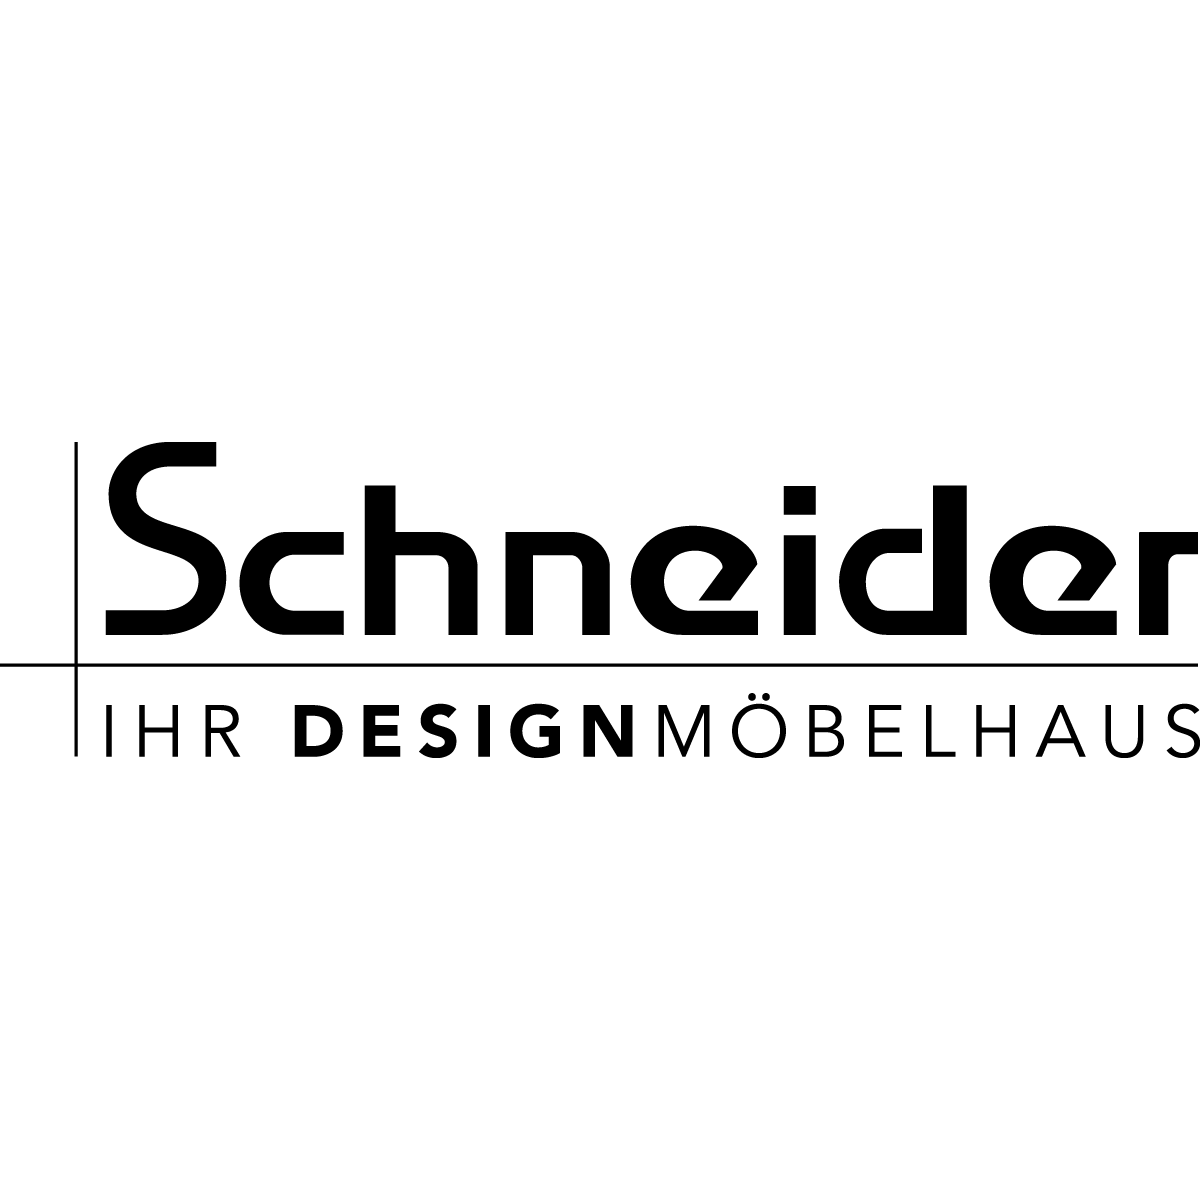 Bild zu Schneider - Ihr Designmöbelhaus in Fellbach